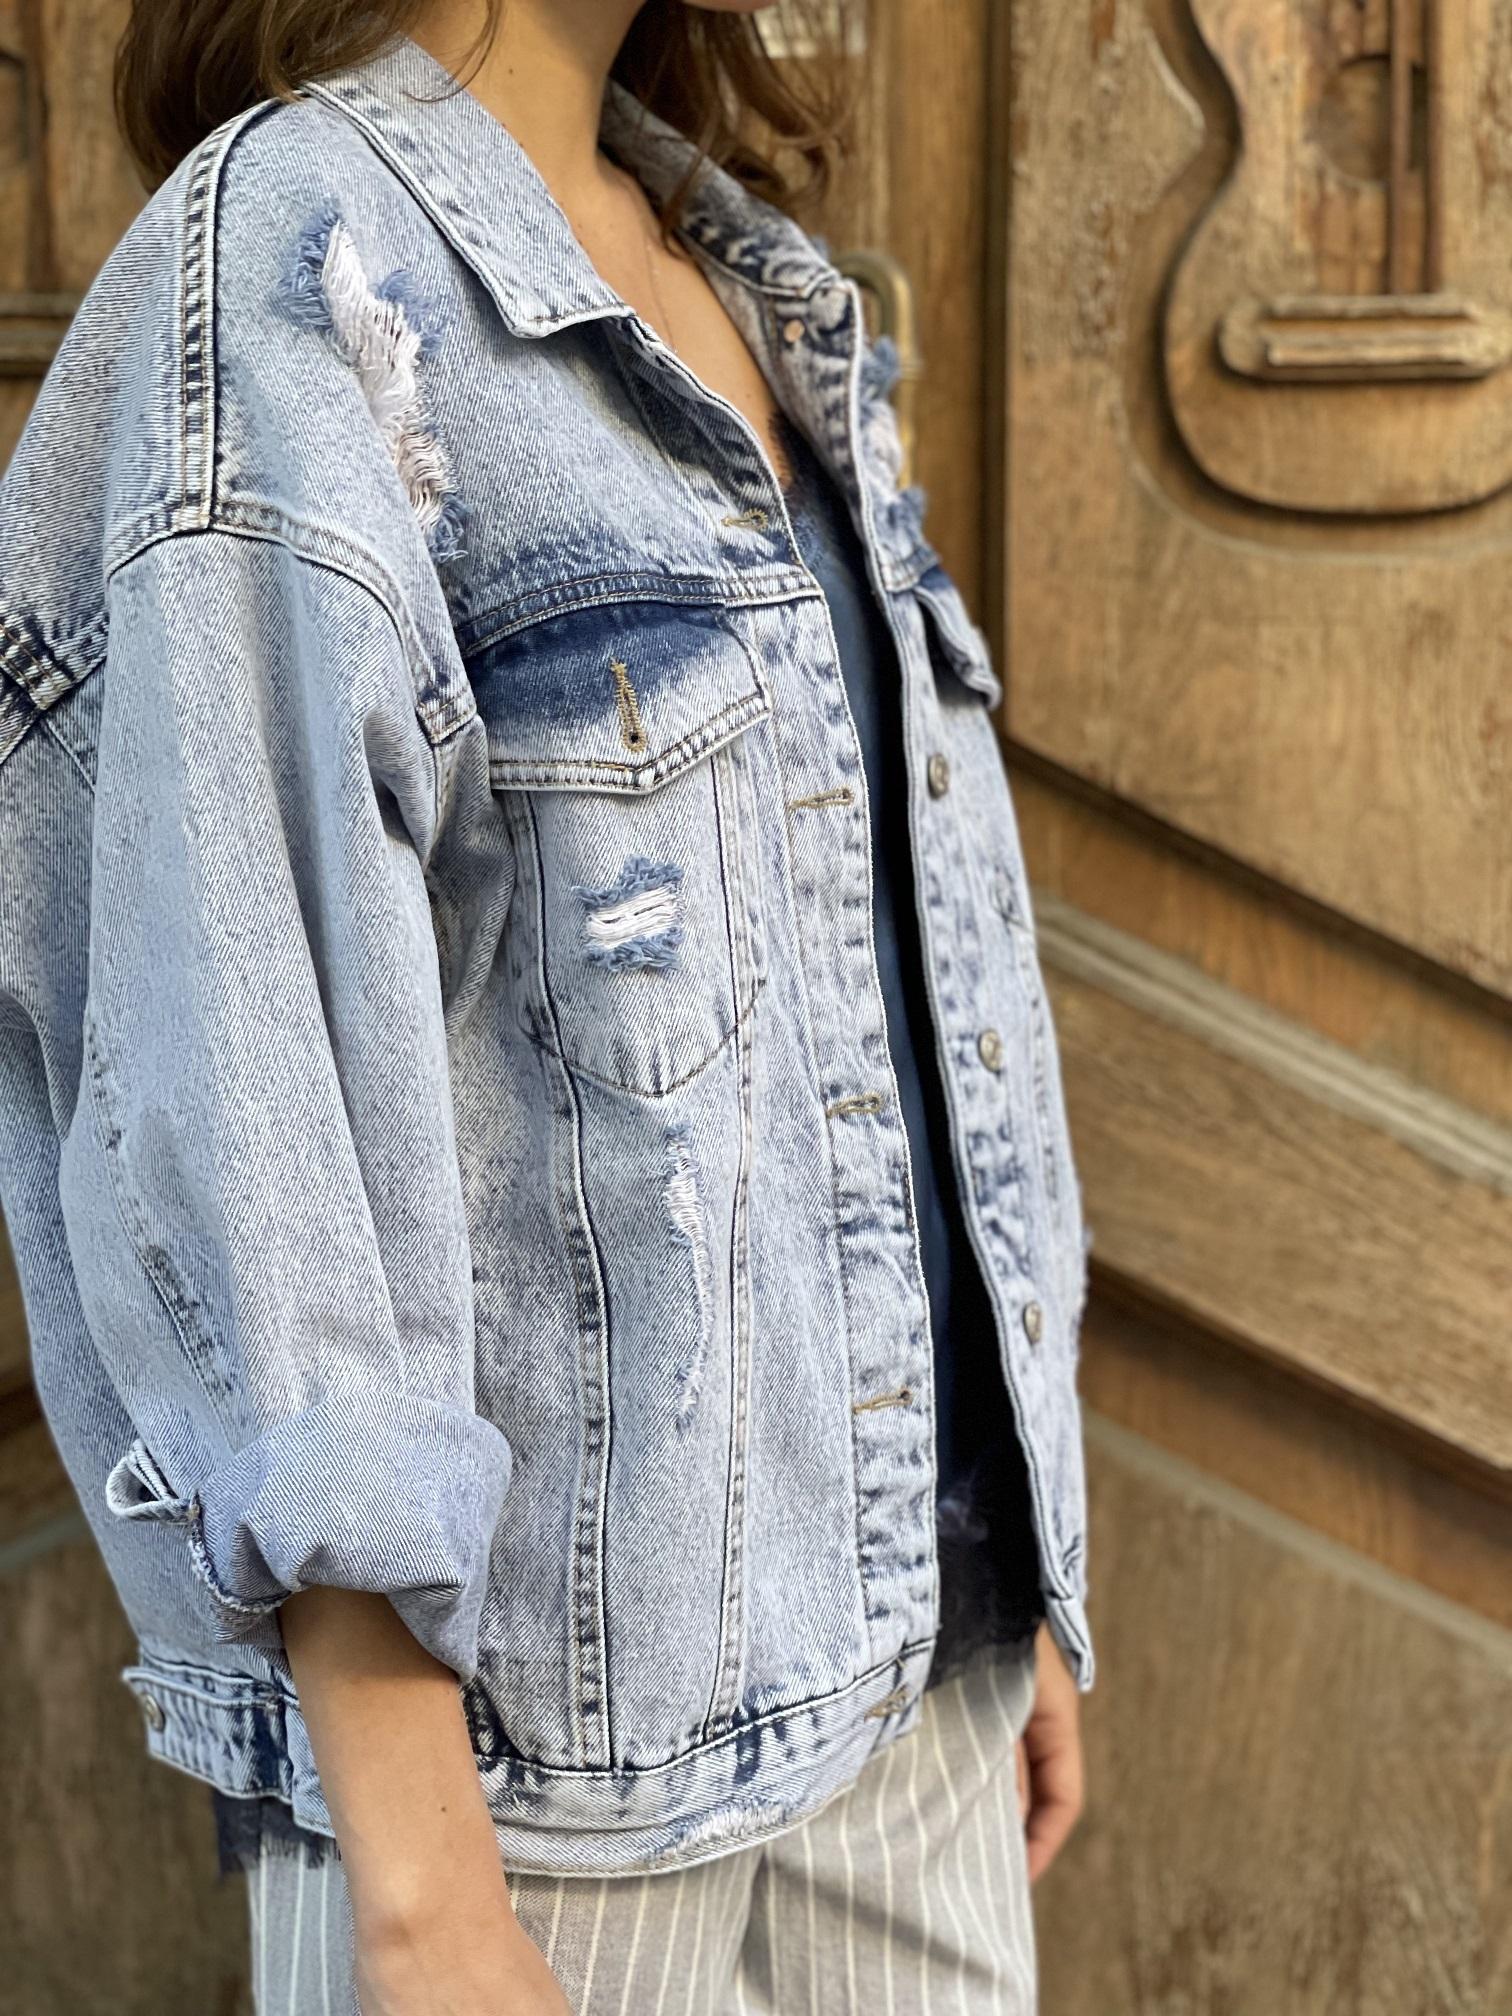 Джинсовая куртка, UNO, Courtney (голубой)